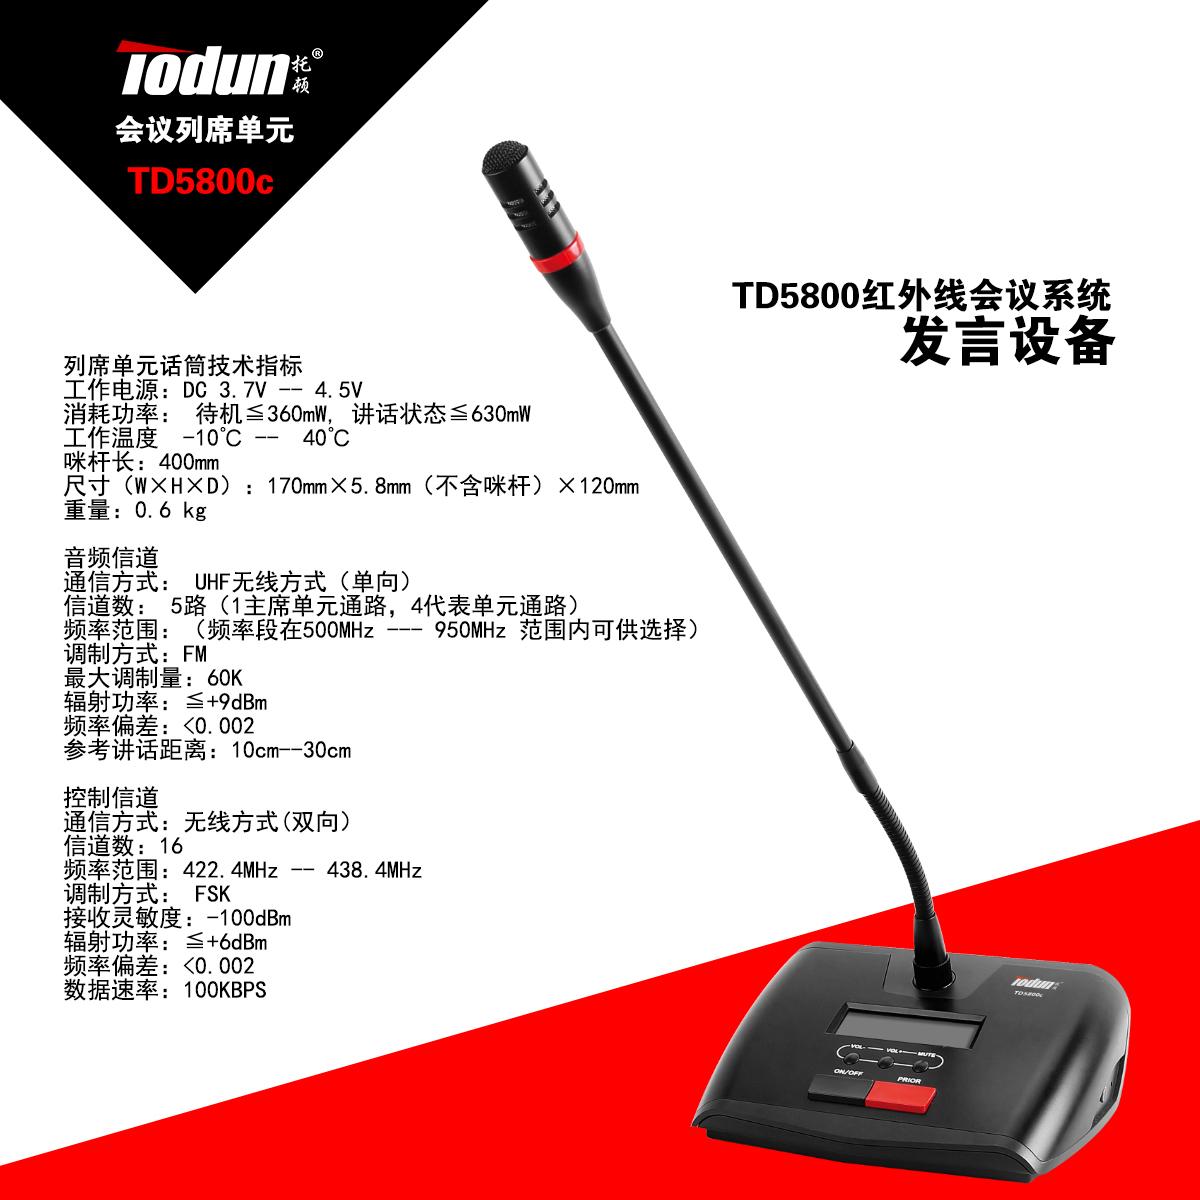 无线会议系统列席单元 托顿TD5800c 多功能厅多媒体演出厅会议系统